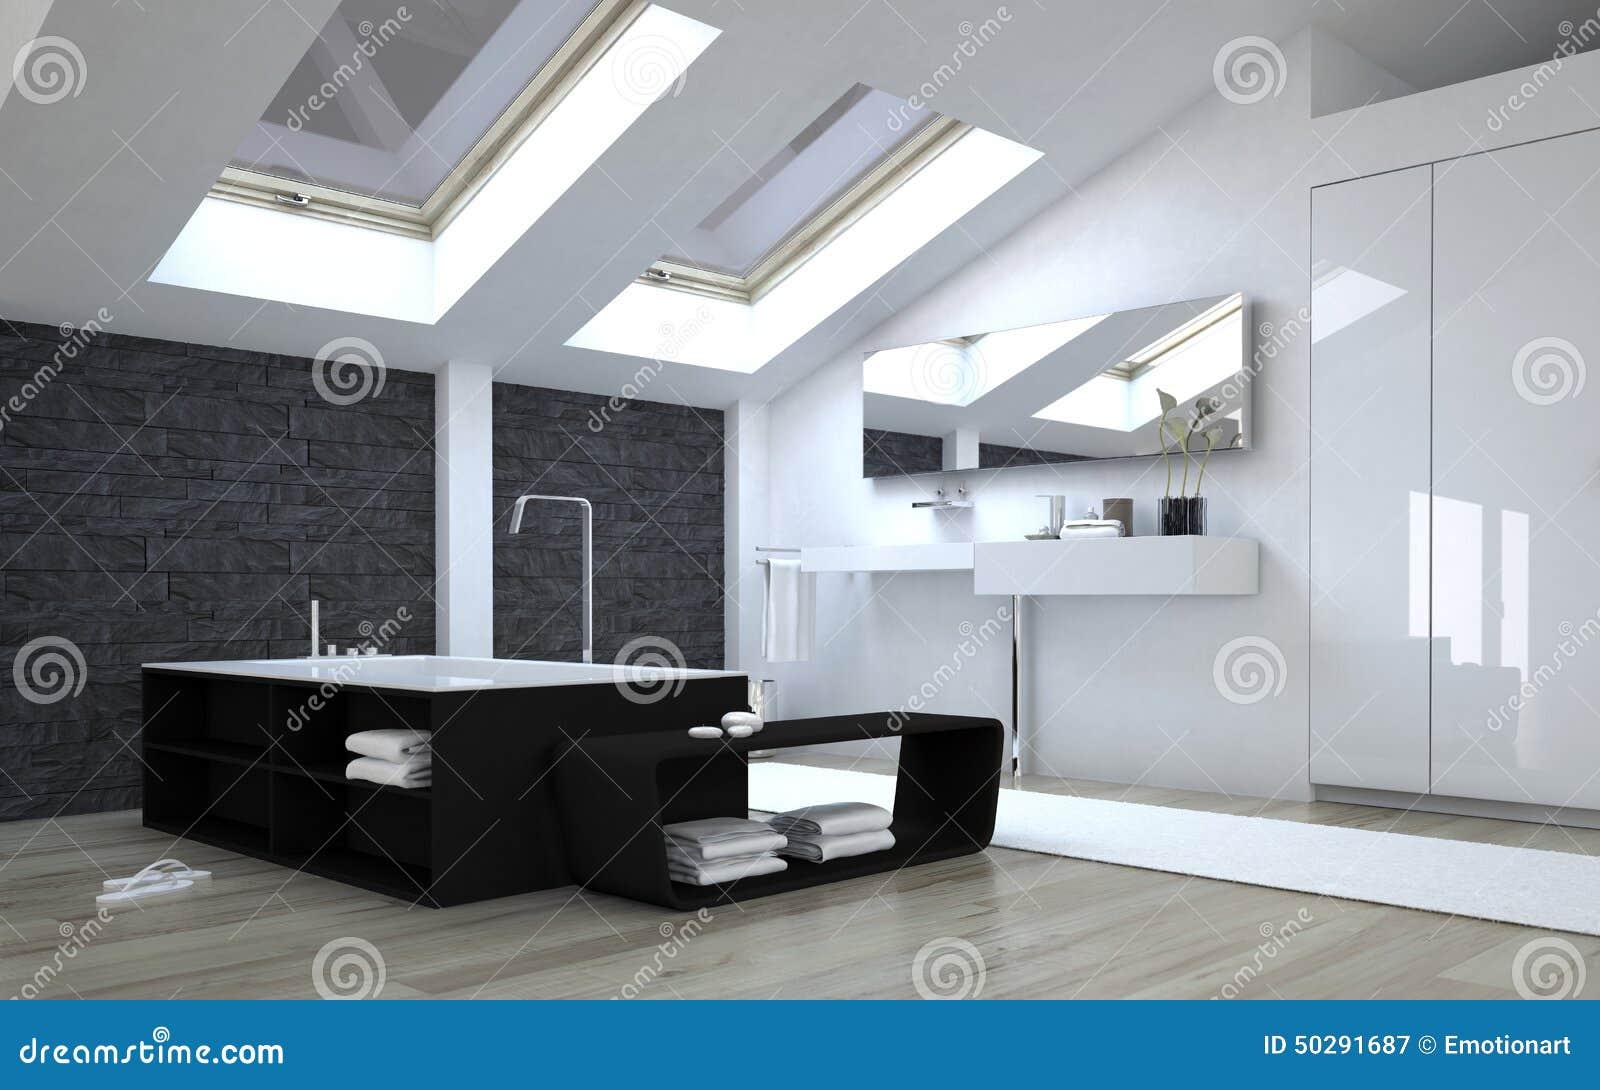 Bagno in bianco e nero moderno con i lucernari - Bagno bianco e nero ...